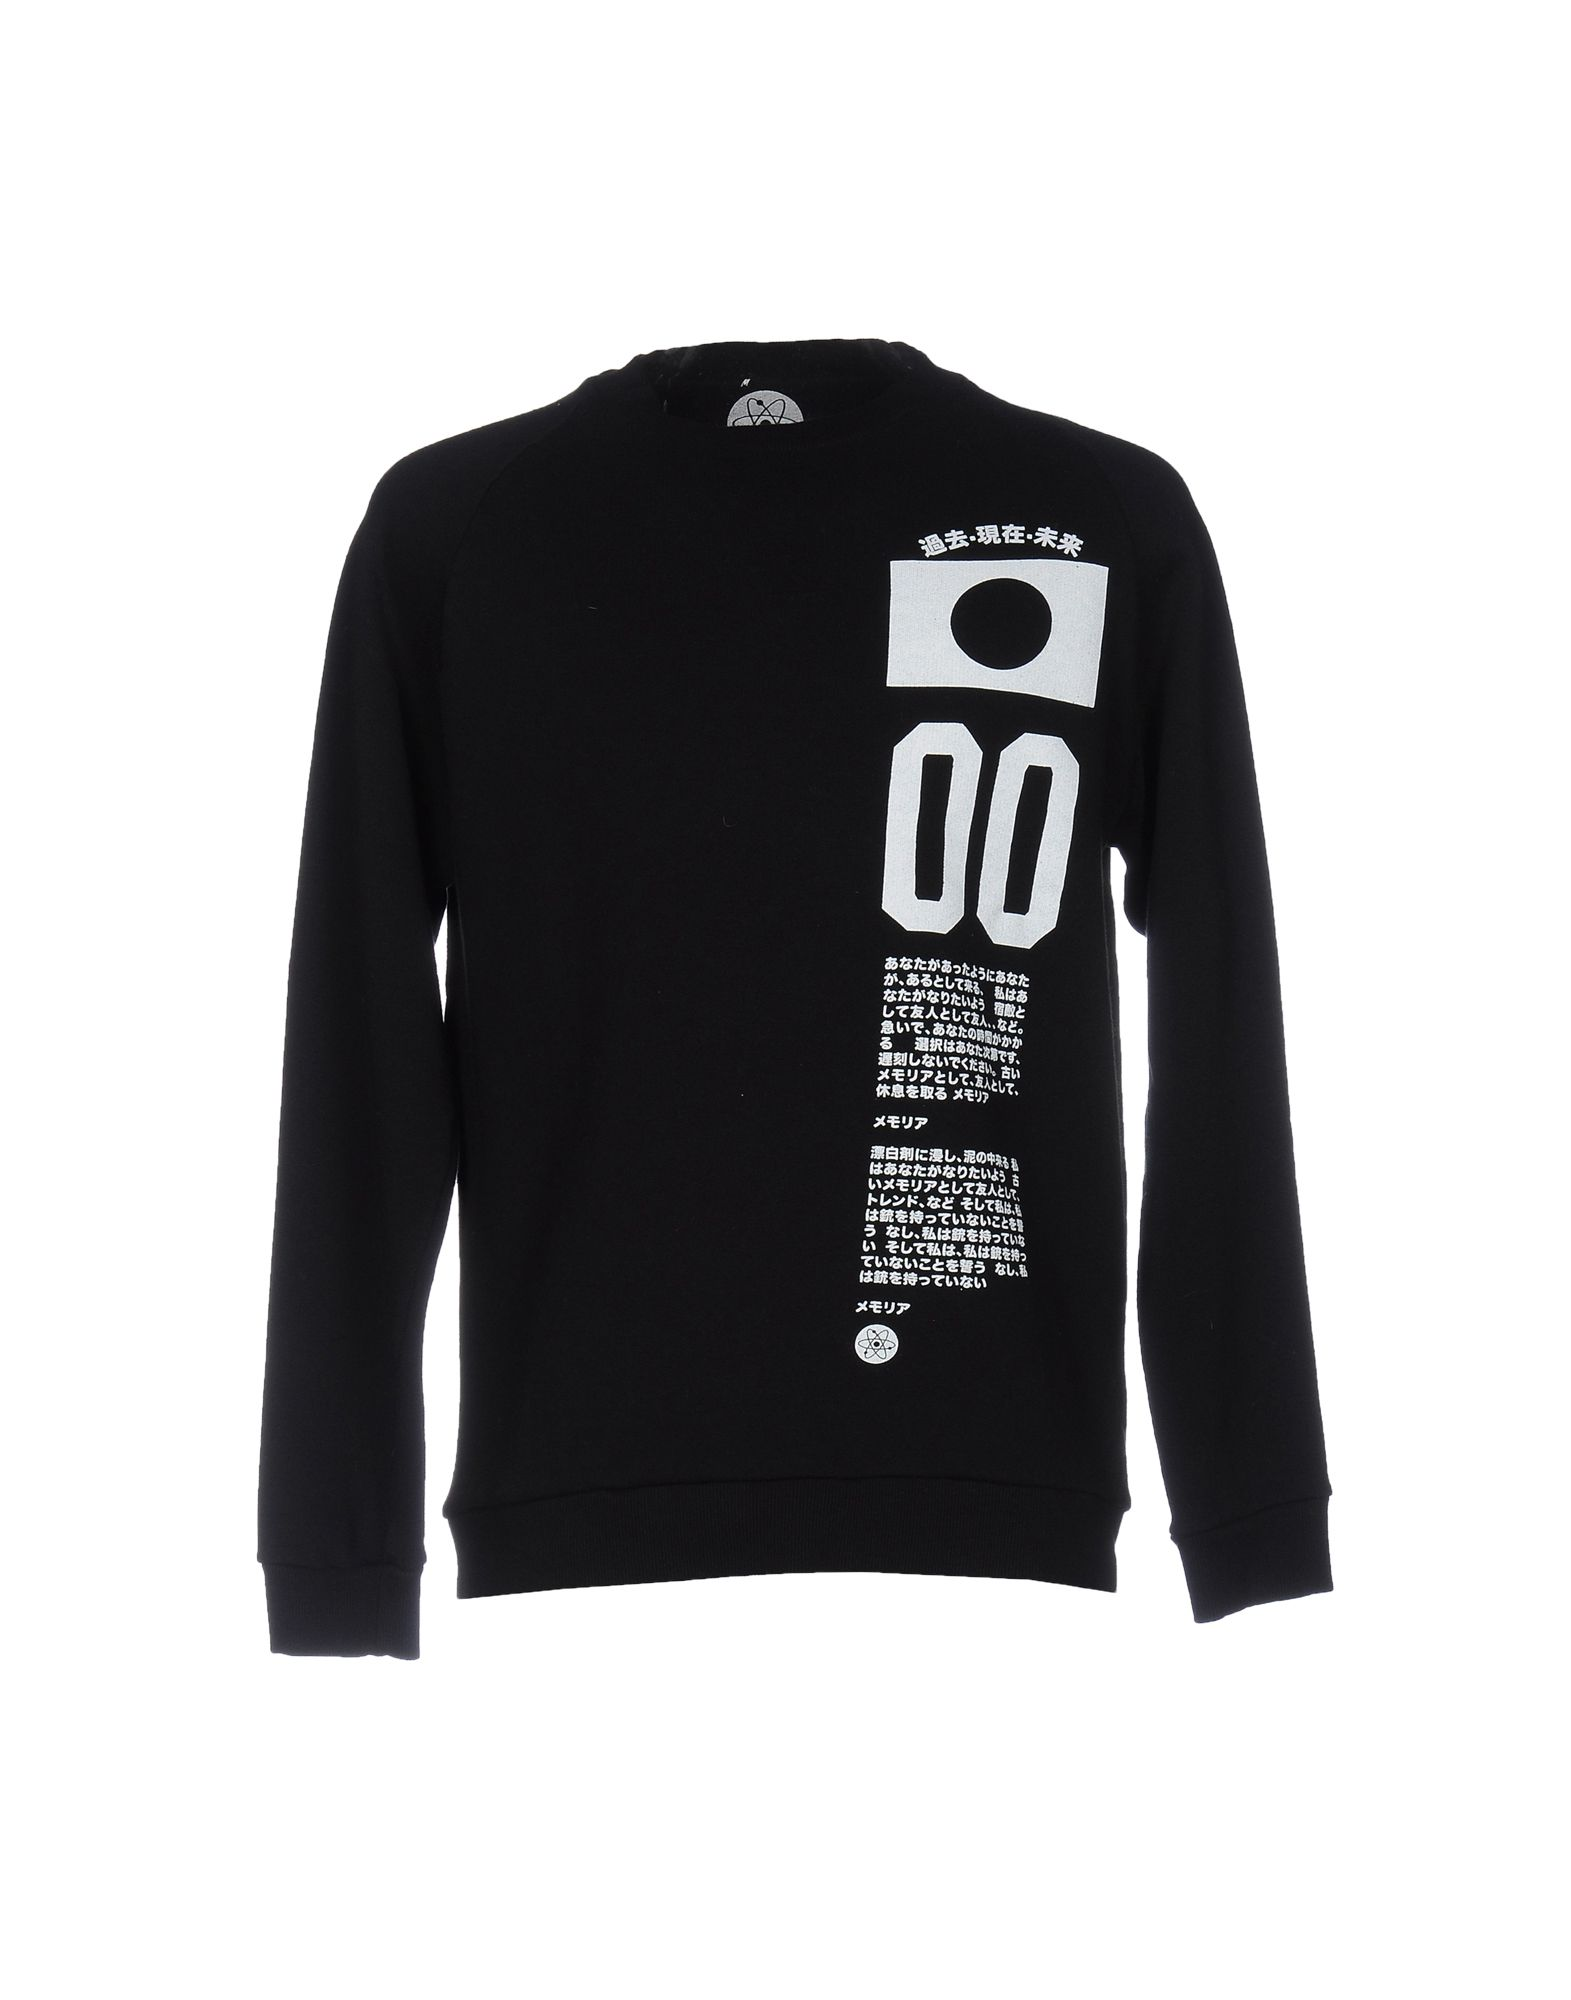 ATOMO Herren Sweatshirt Farbe Schwarz Größe 5